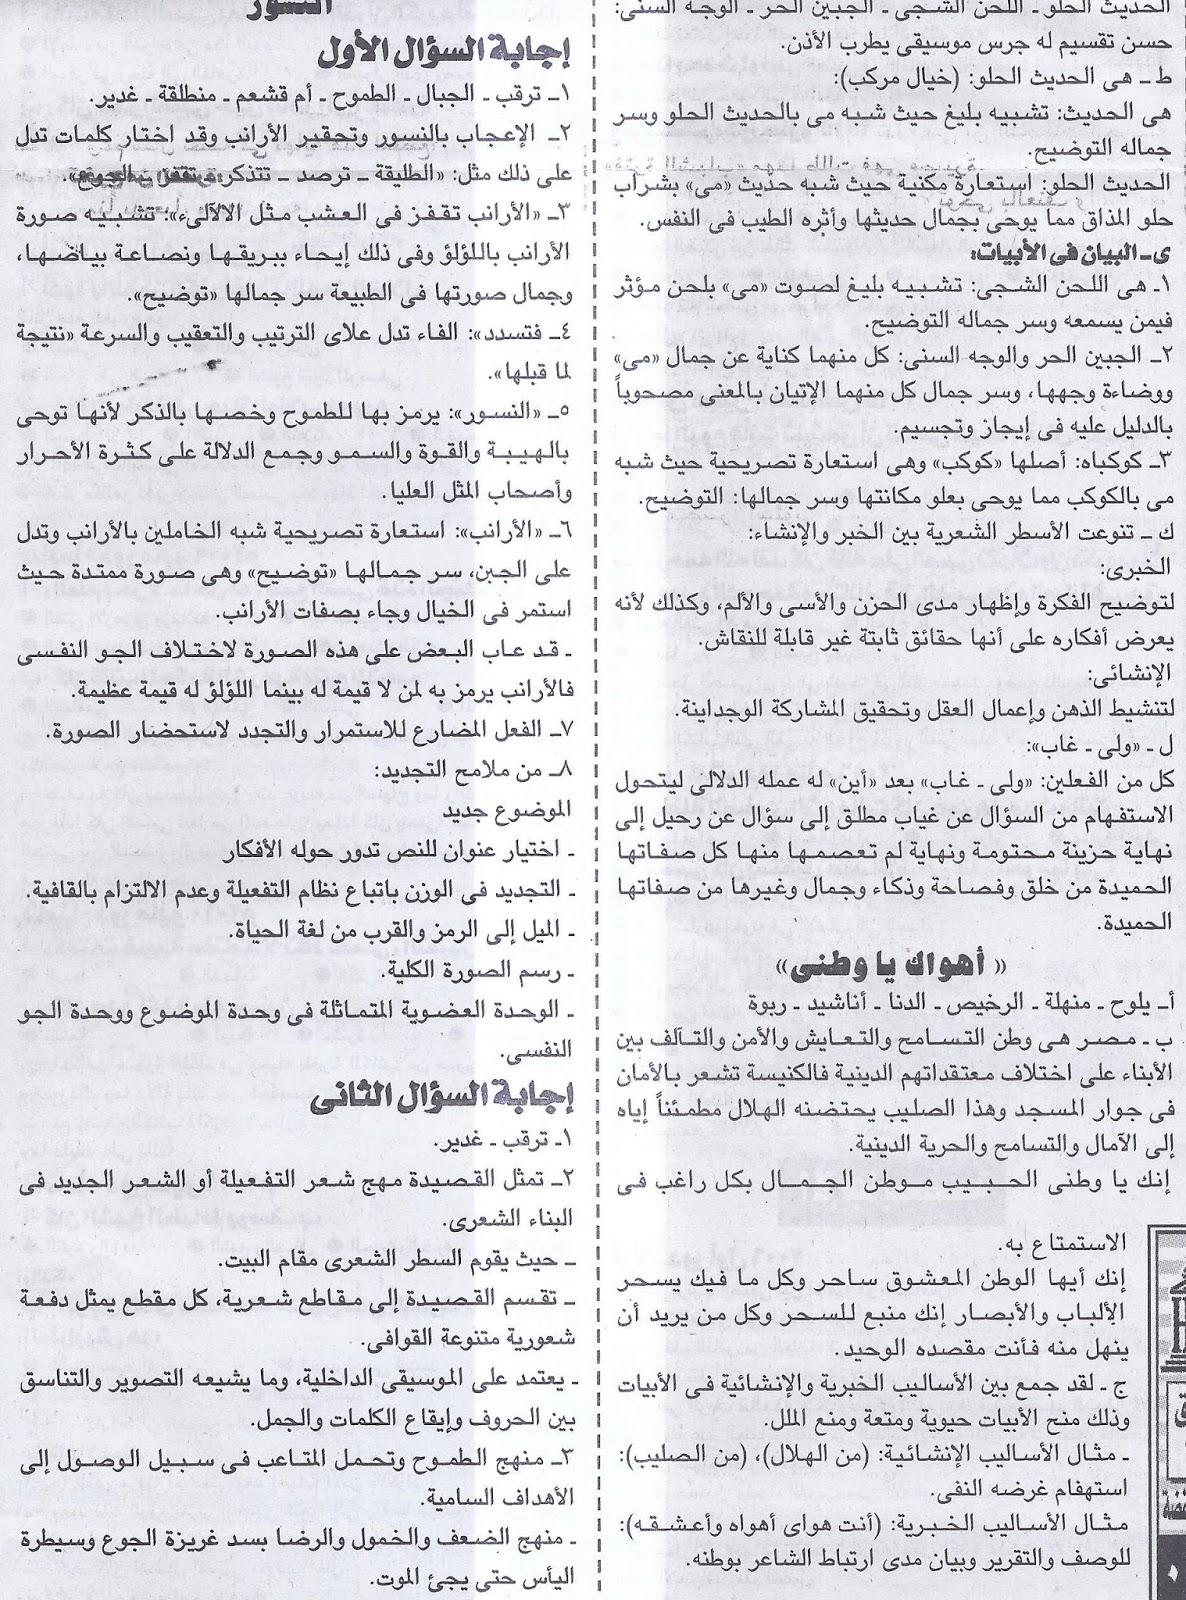 اهم توقعات النصوص للثانوية العامة.. ملحق الجمهورية التعليمي Scan0031